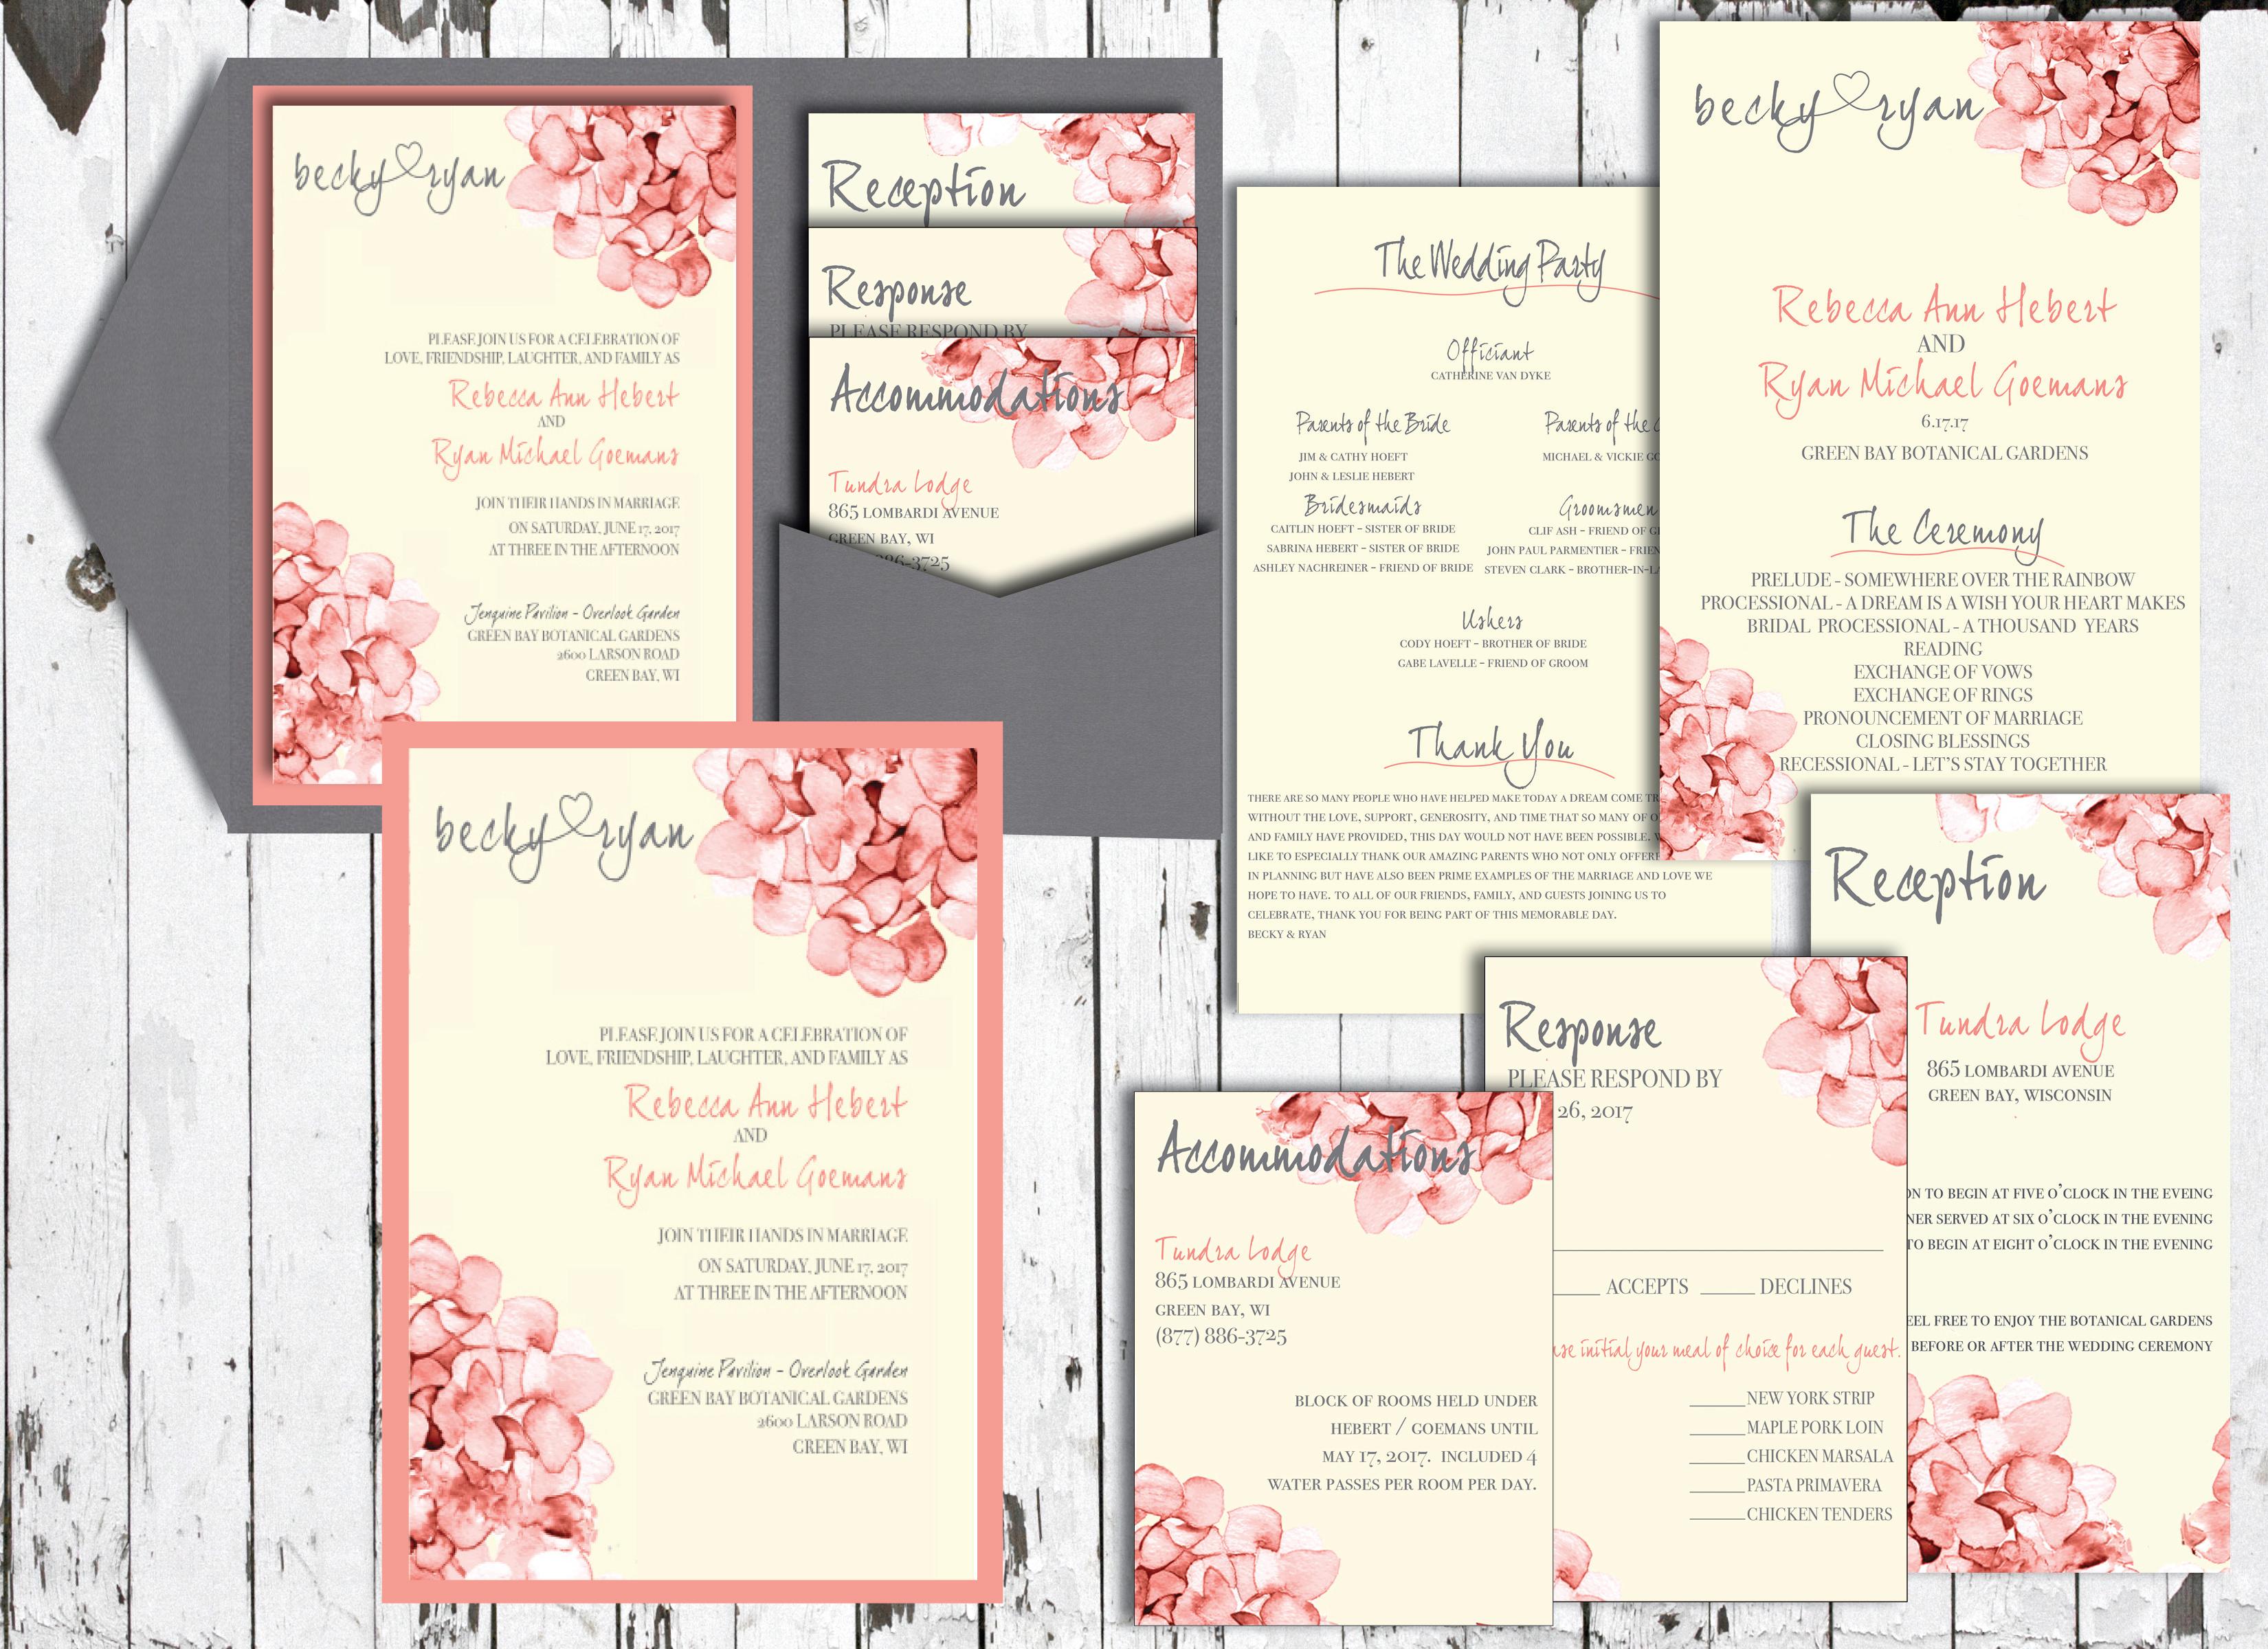 becky hebert wedding set